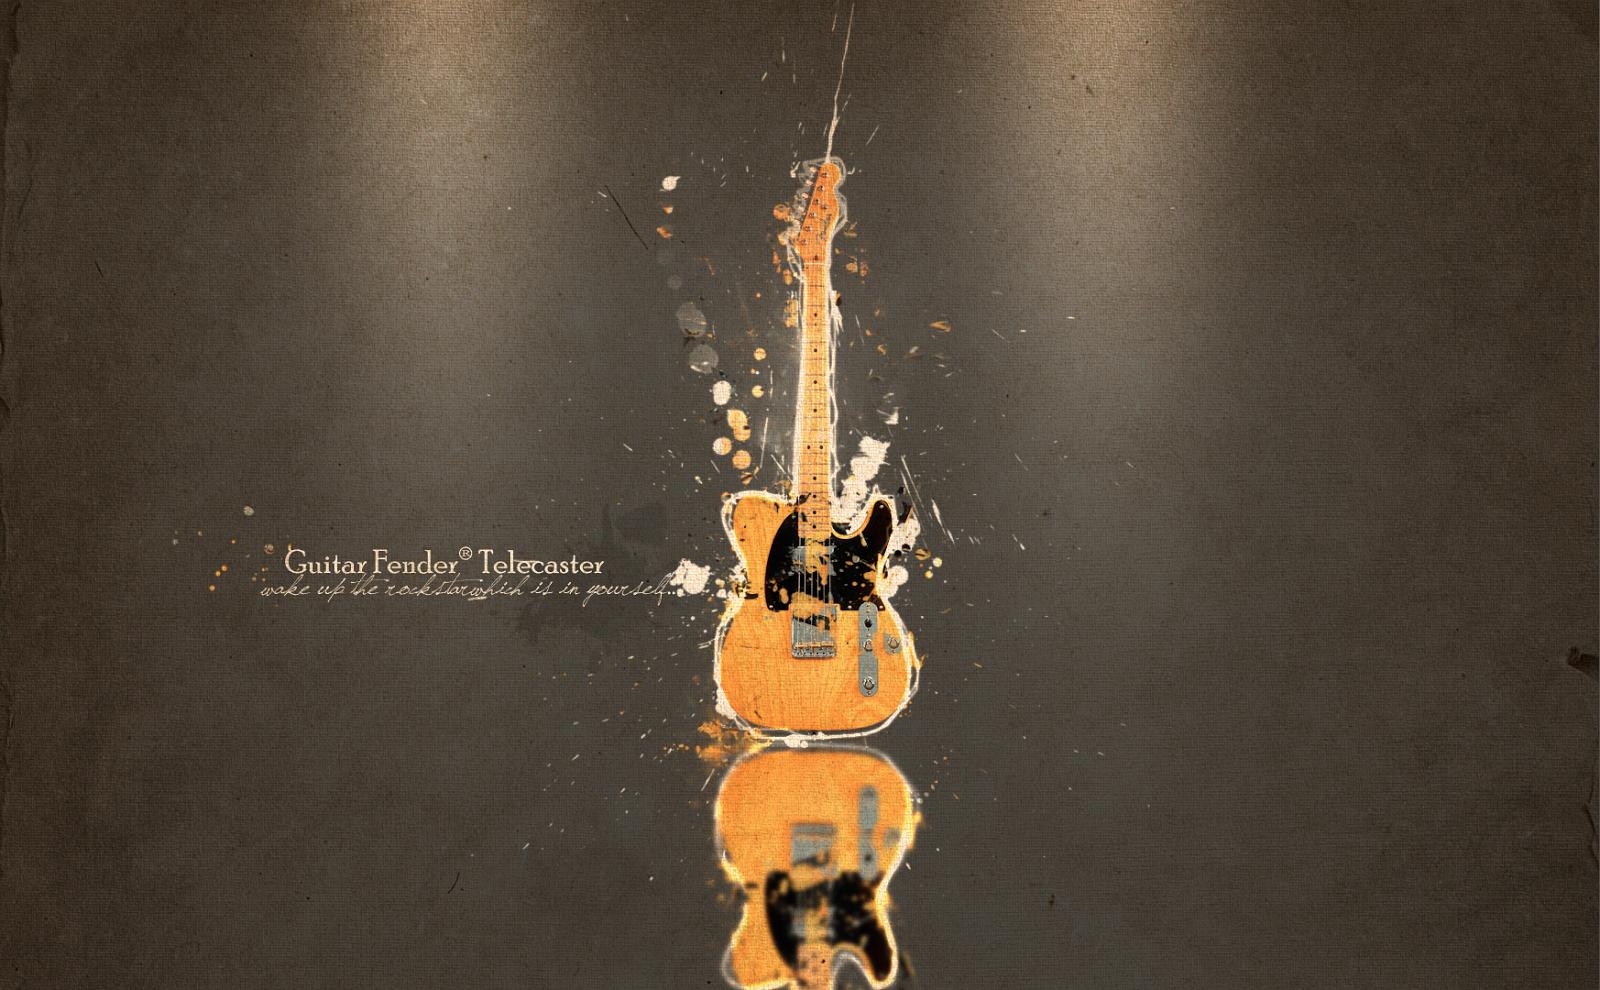 Wallpapers Guitarras Fondos de pantalla Guitarras Electricas 1600x990